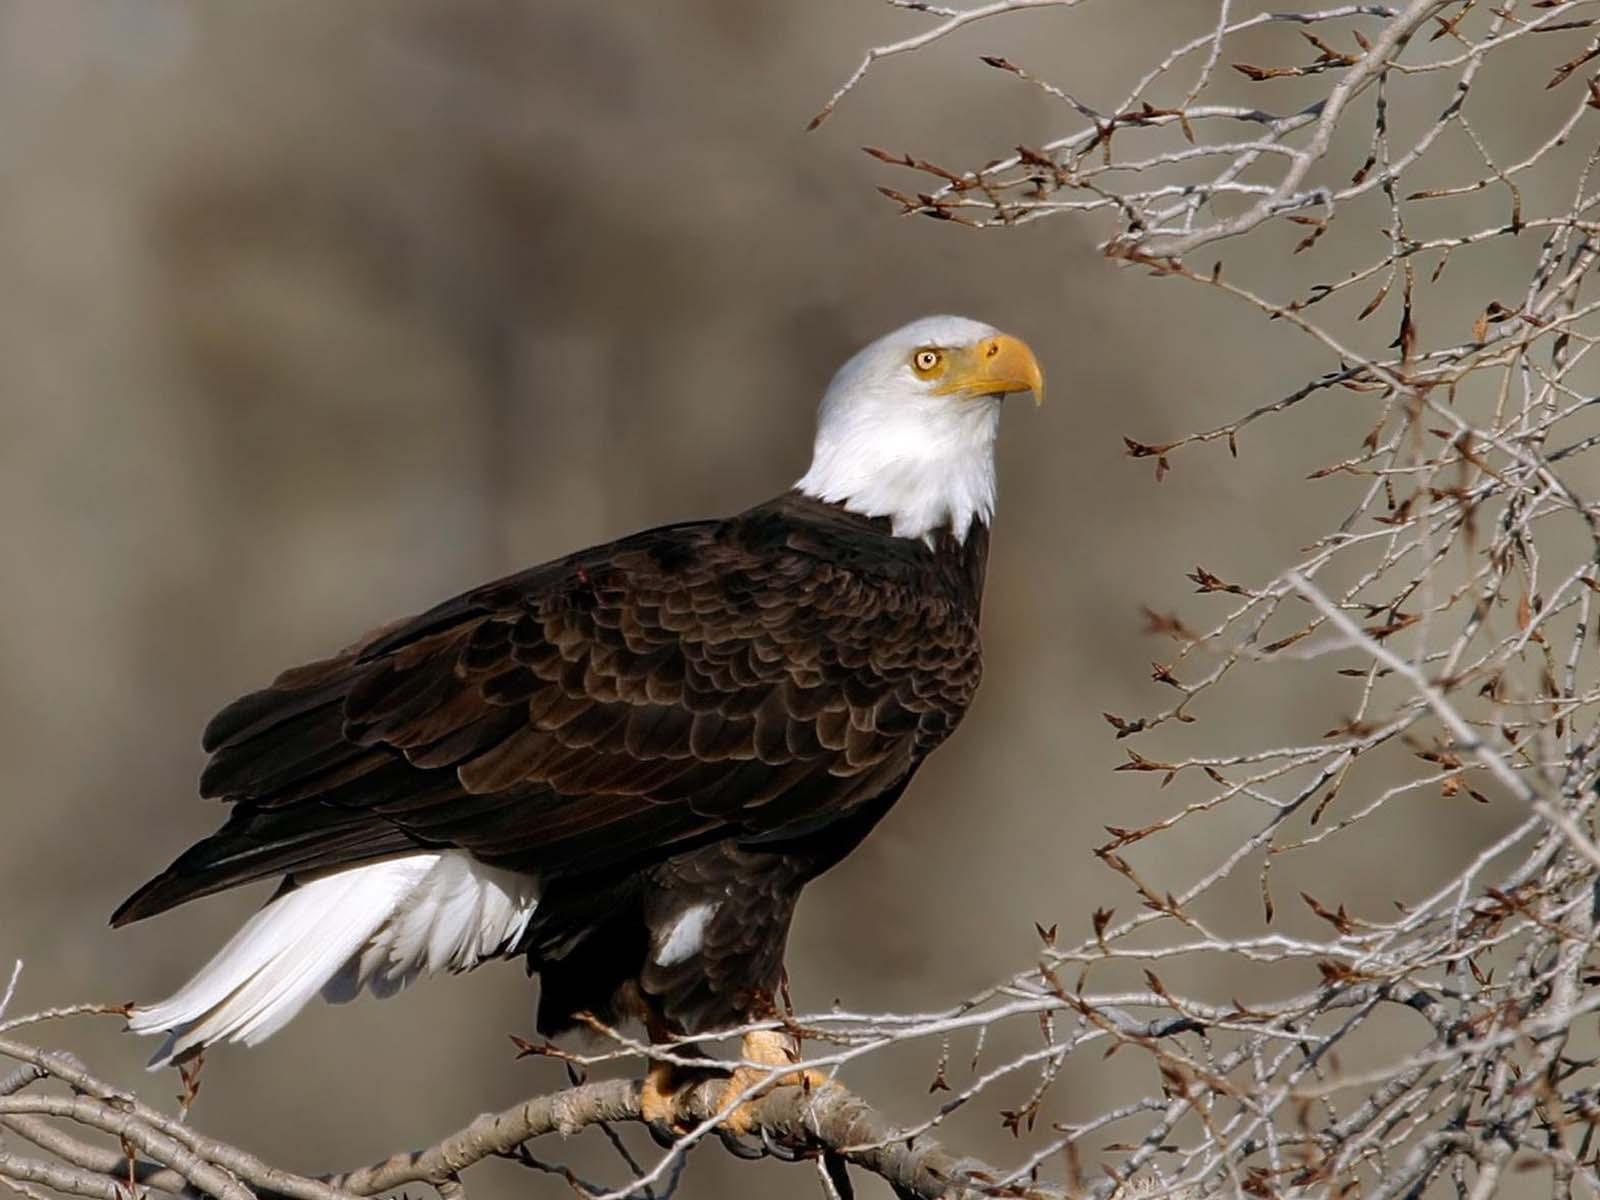 Hình nền Đại Bàng Eagles2